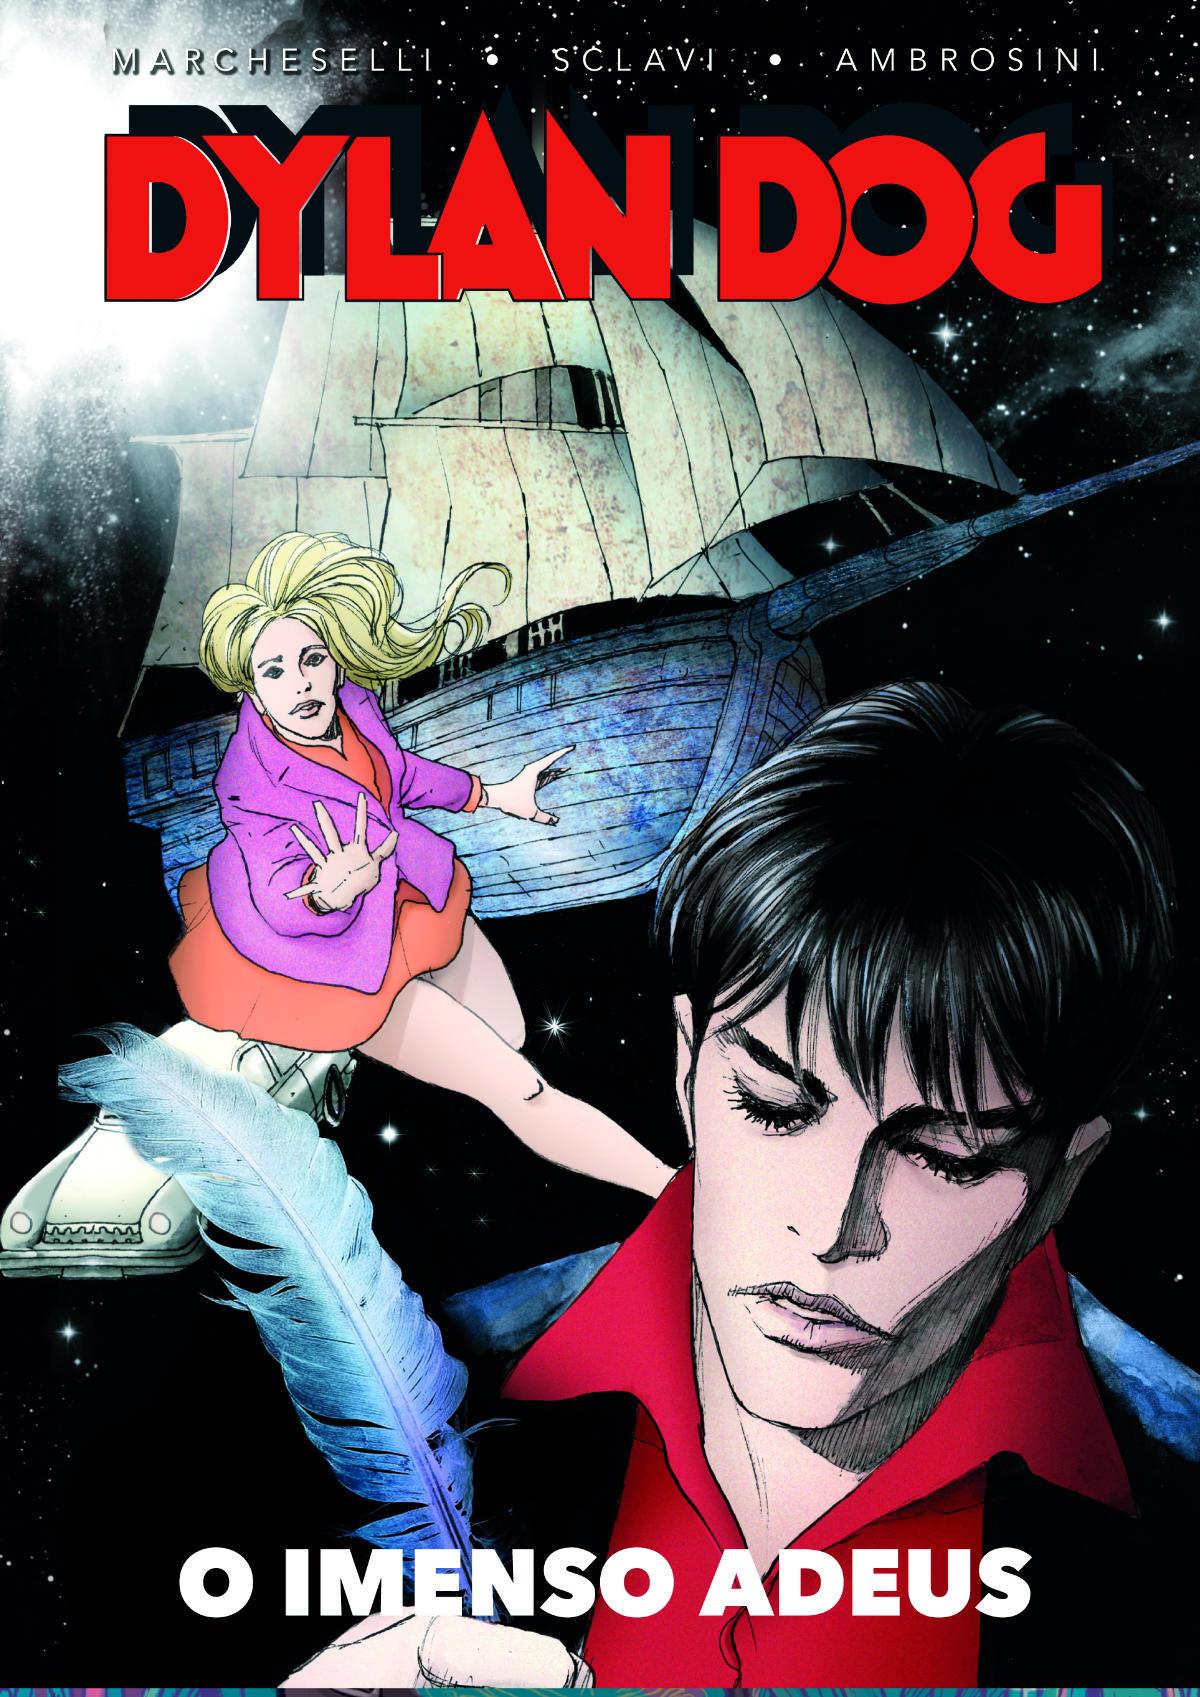 Dylan Dog – O Imenso Adeus